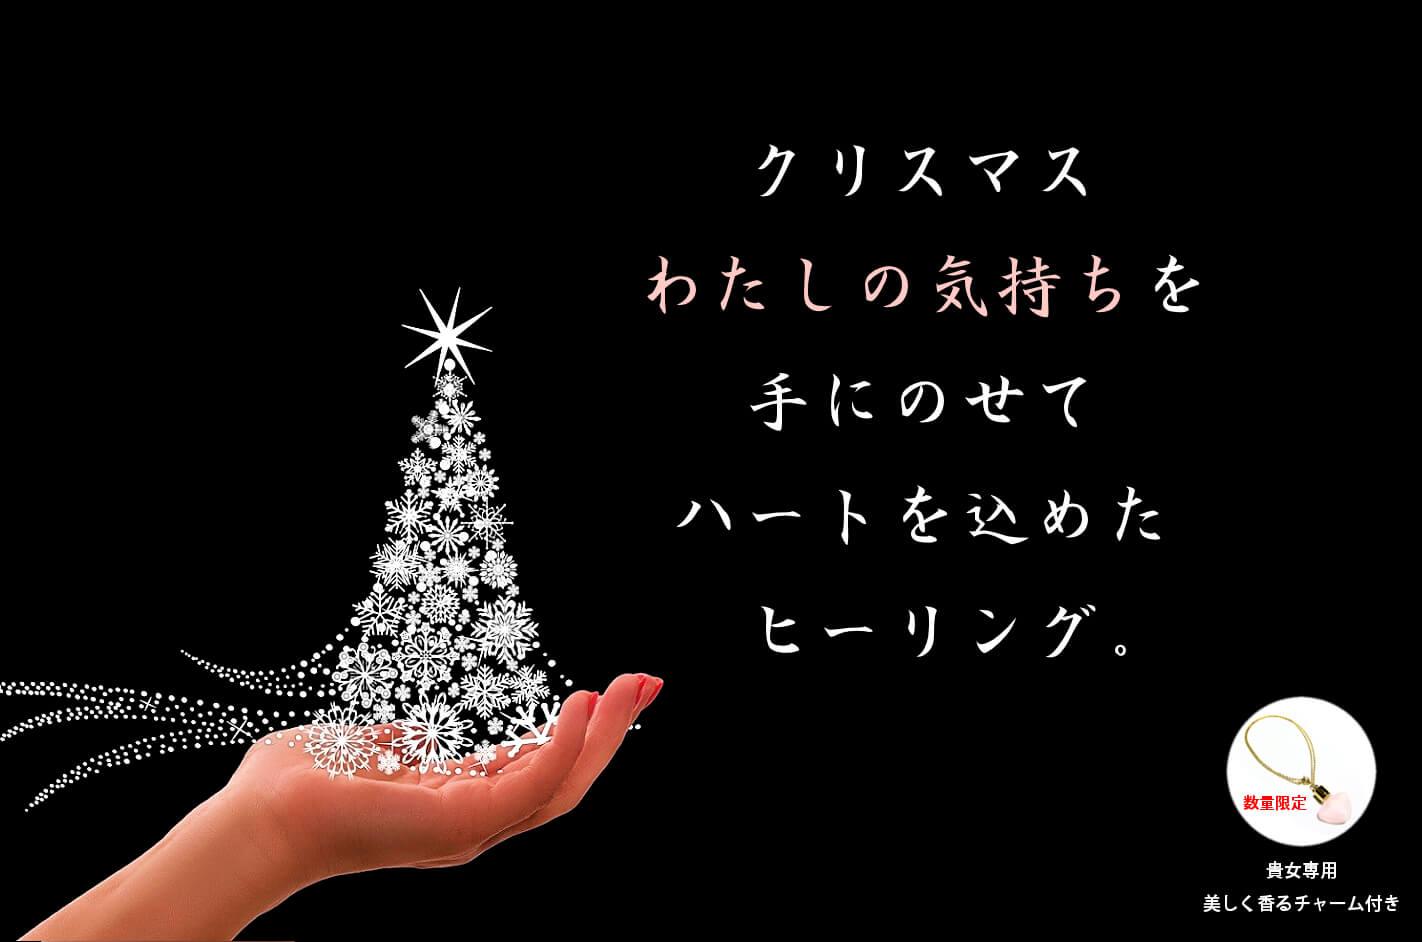 クリスマス限定企画のレイキヒーラー講座限定品メモリーチャーム付き